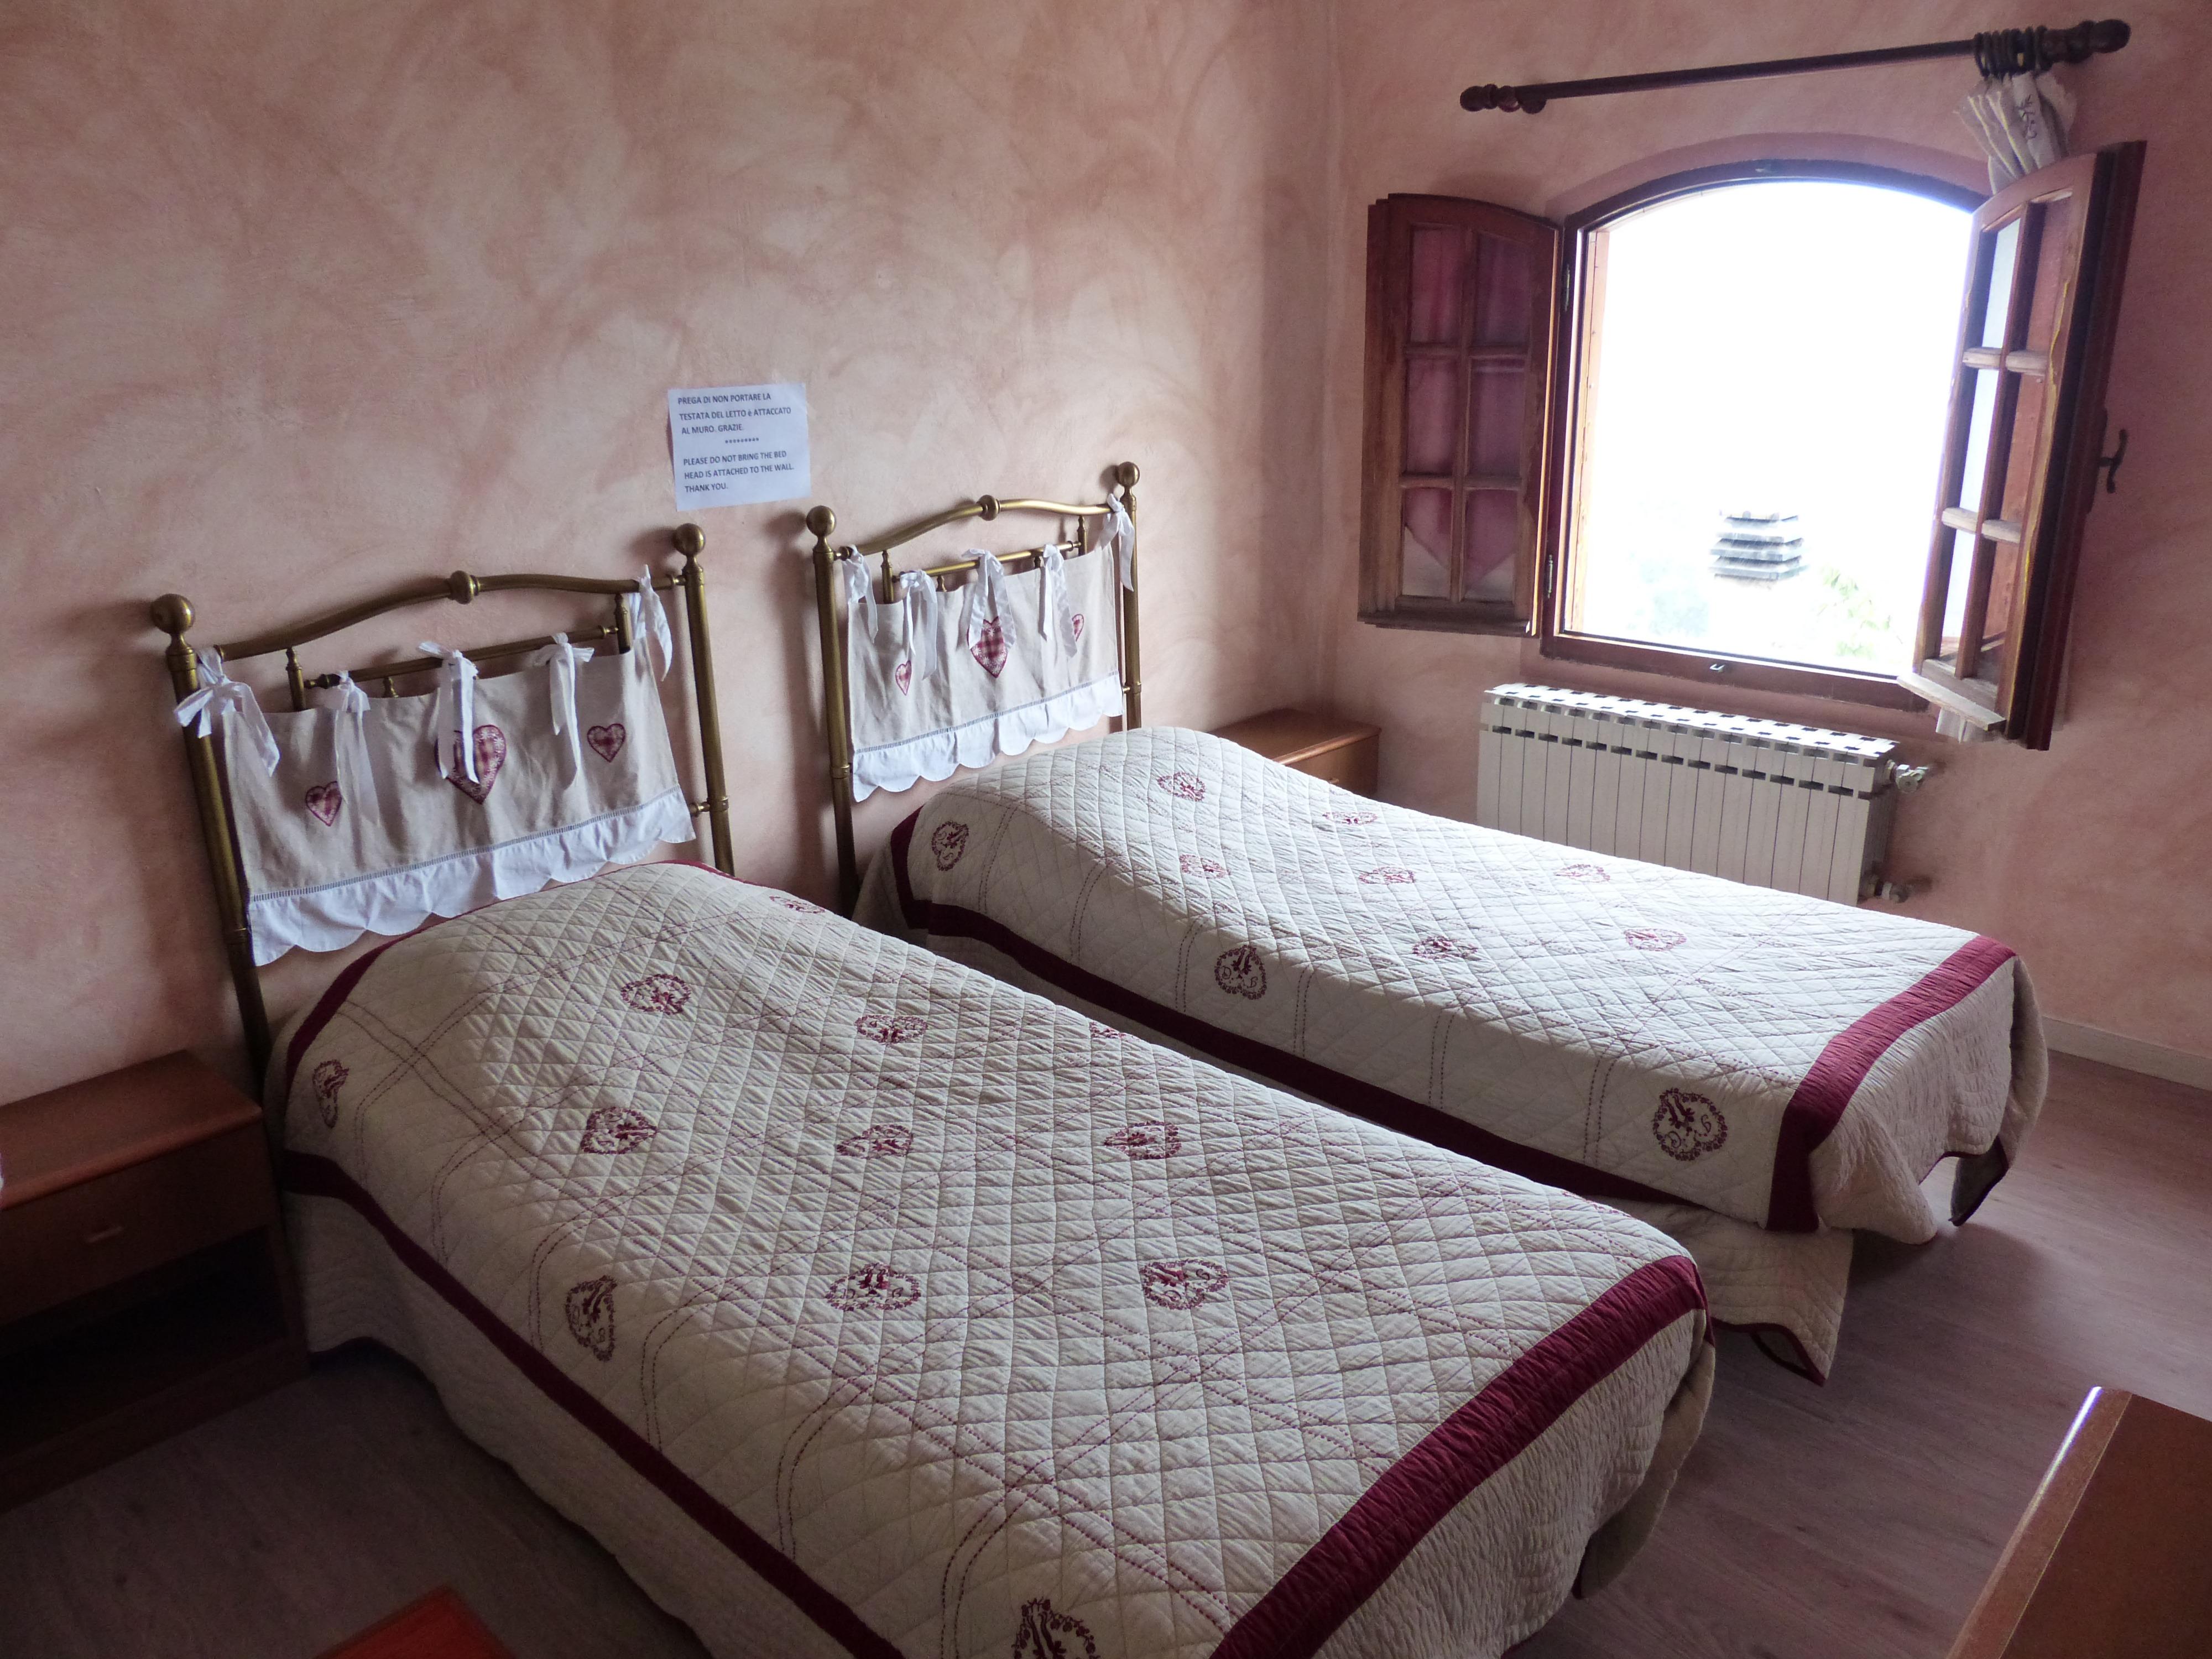 Fotos gratis : ventana, cabaña, limpiar, romántico, propiedad ...